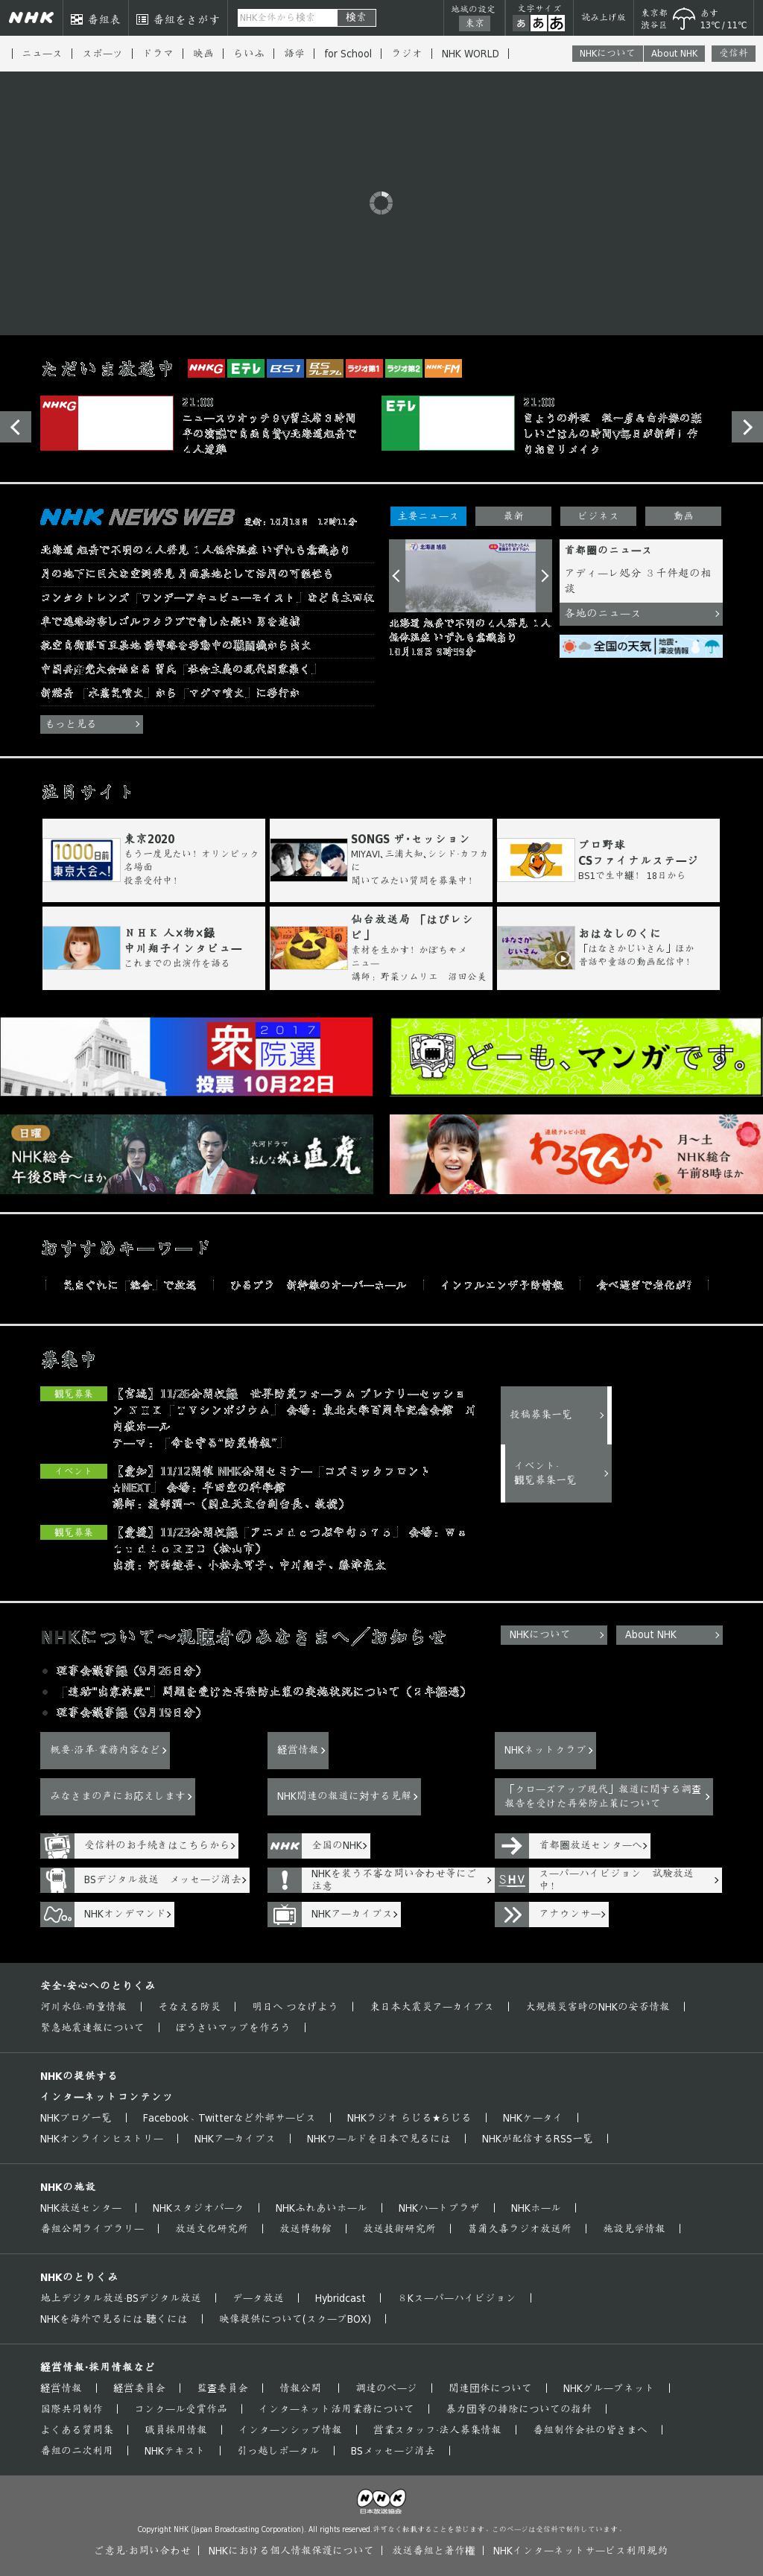 NHK Online at Wednesday Oct. 18, 2017, 12:12 p.m. UTC